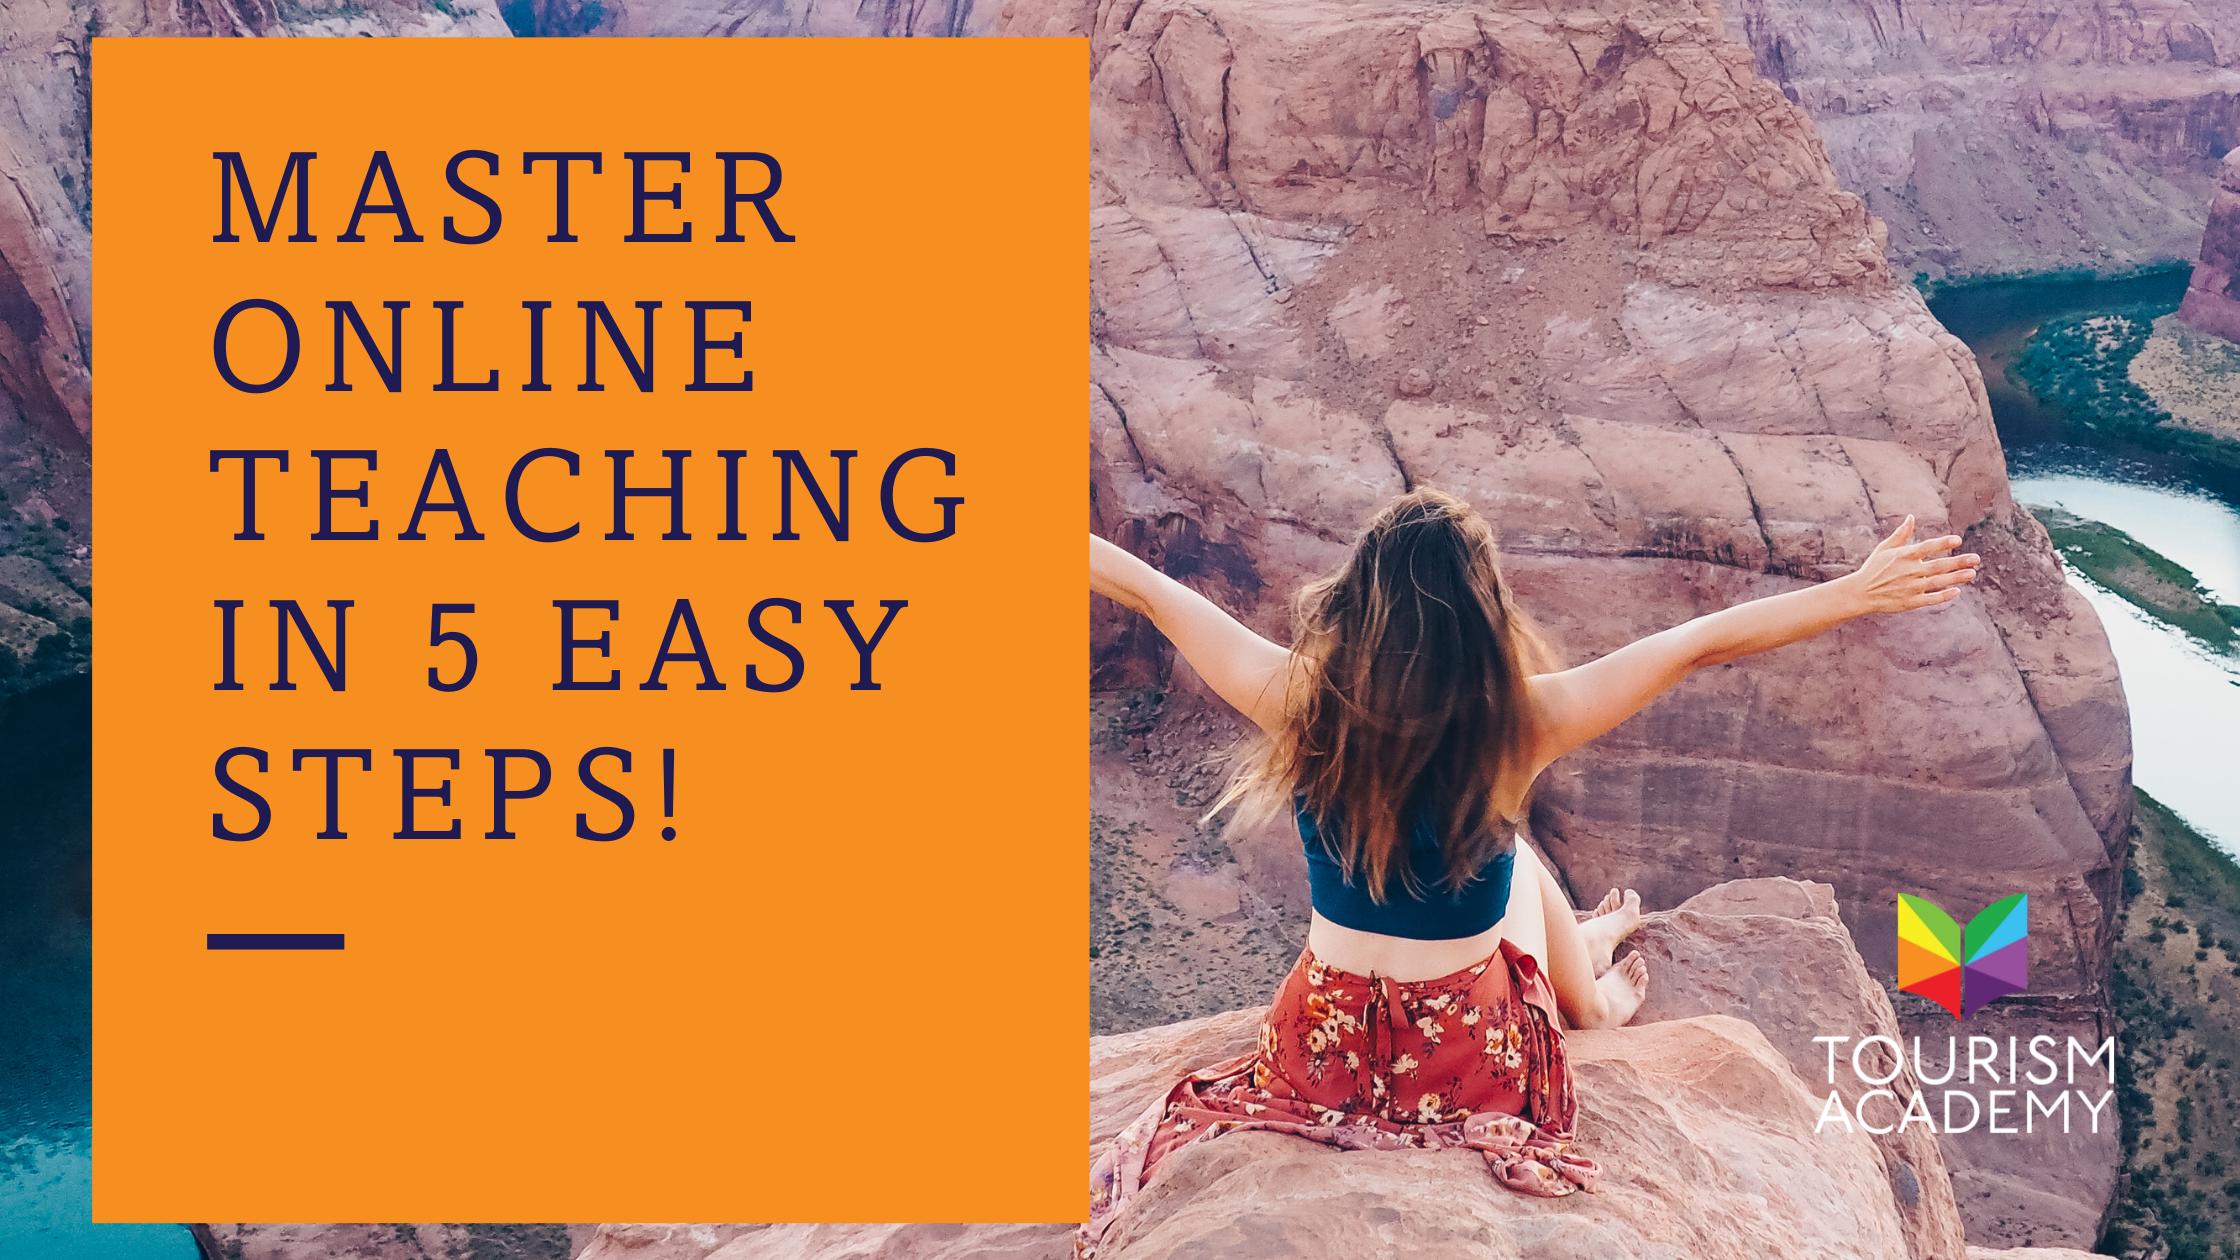 Master Online Teaching in 5 Easy Steps